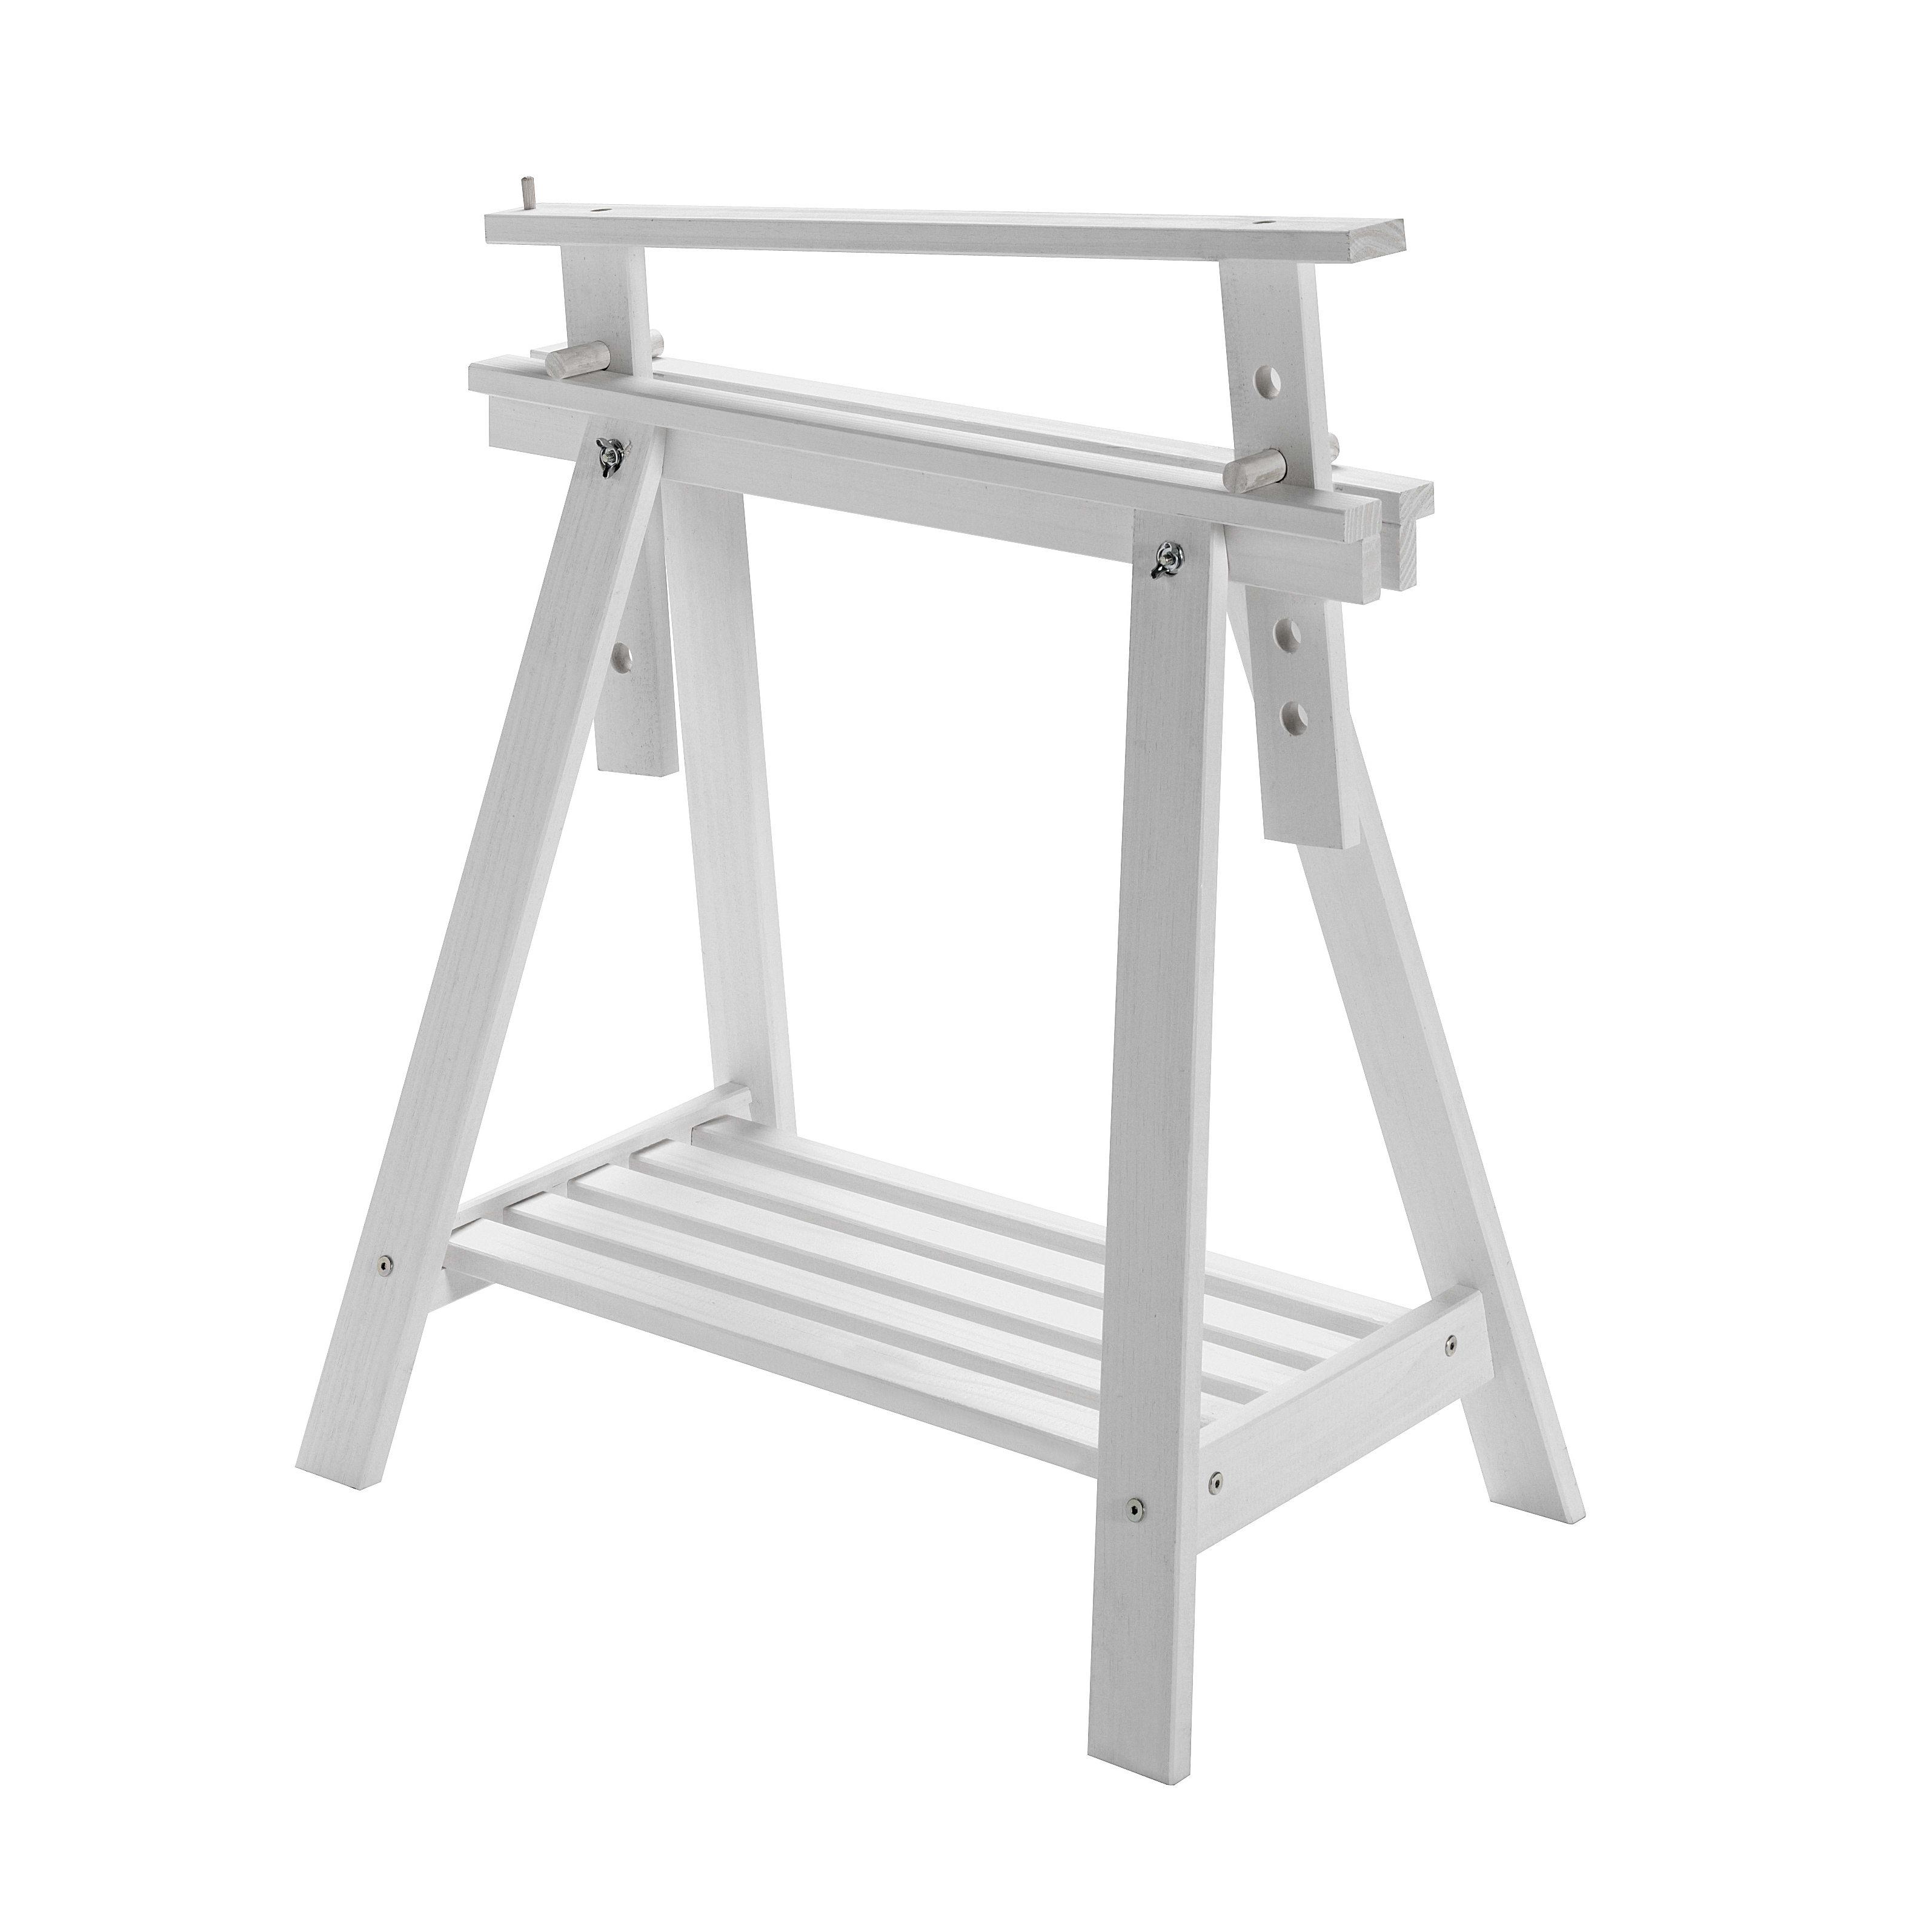 Cavalletto pino Archi Tec H 70 x P 70 x L 45 cm bianco prezzi e offerte  online  d3cacb091449